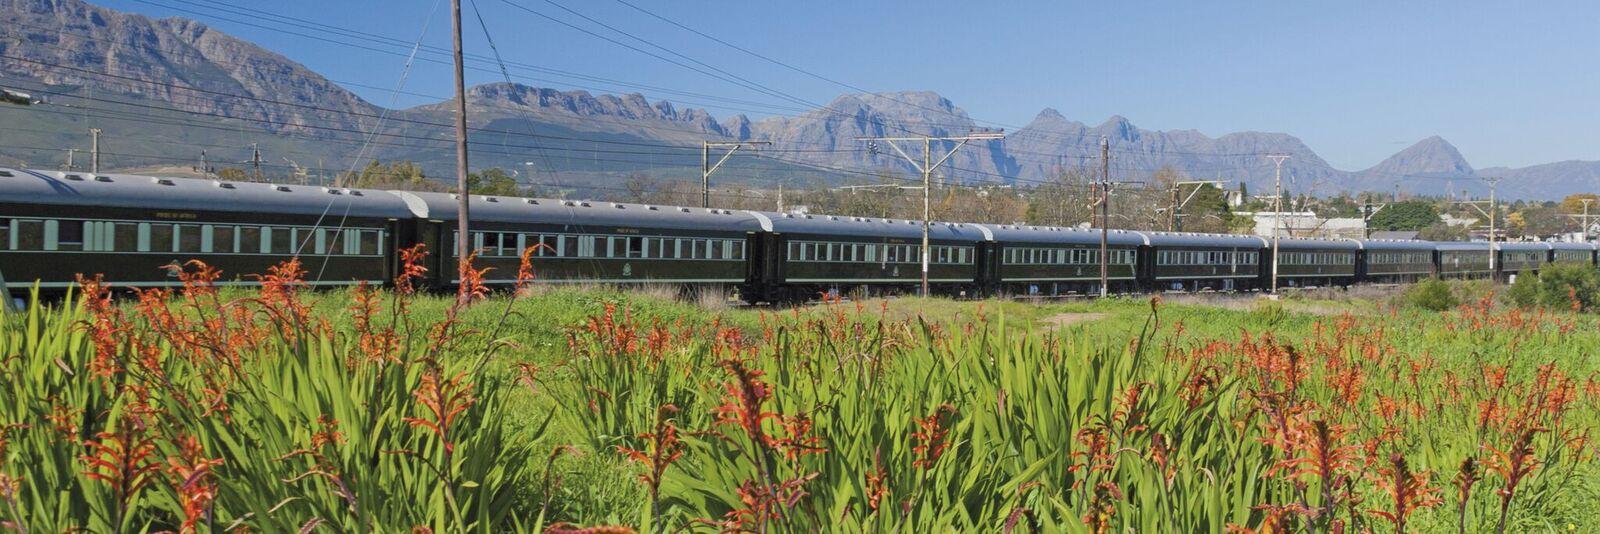 Zugreise mit Rovos Rail in Afrika. Der Zug fährt durch üppige Felder, während im Hintergrund die Berge emporragen.